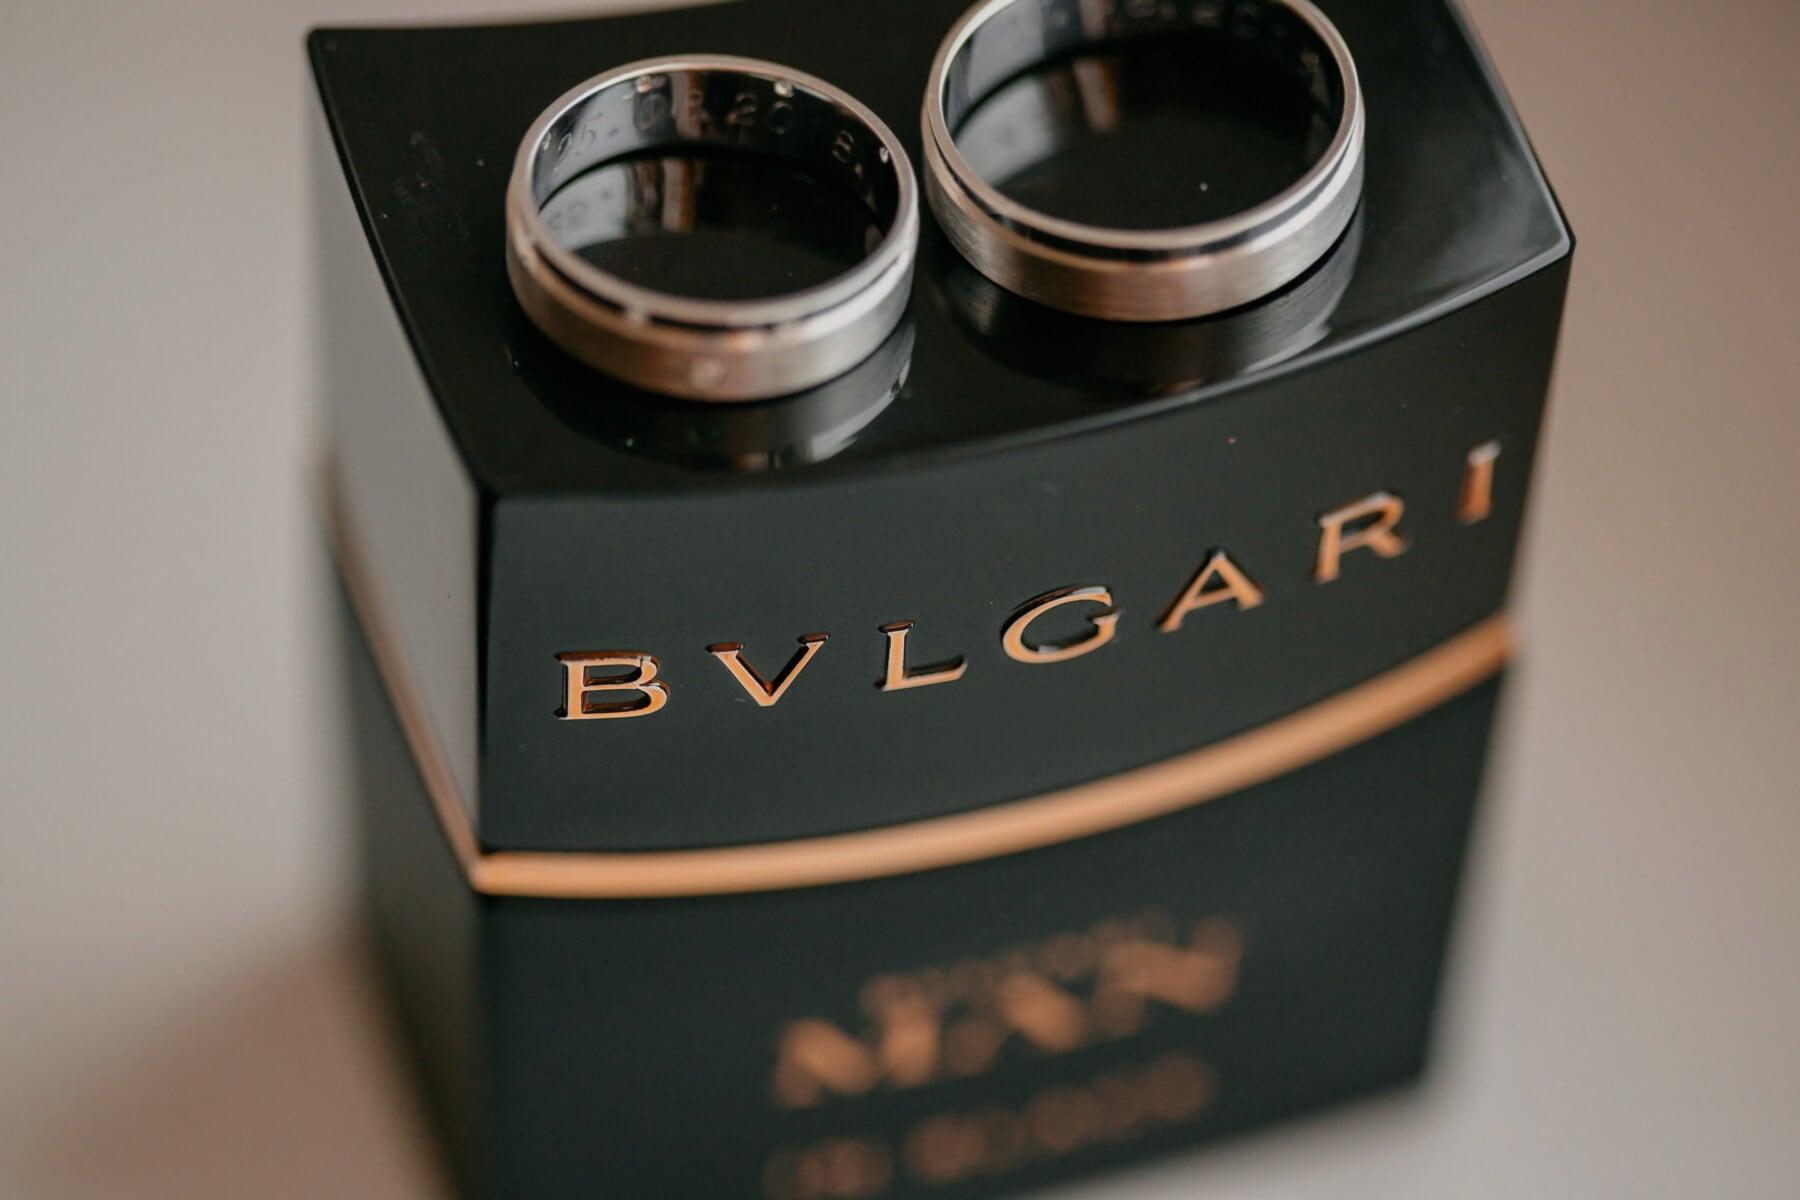 Parfüm, Lust auf, Produkt, Paket, Ehering, Hochzeit, drinnen, Klassiker, Still-Leben, Schwarz